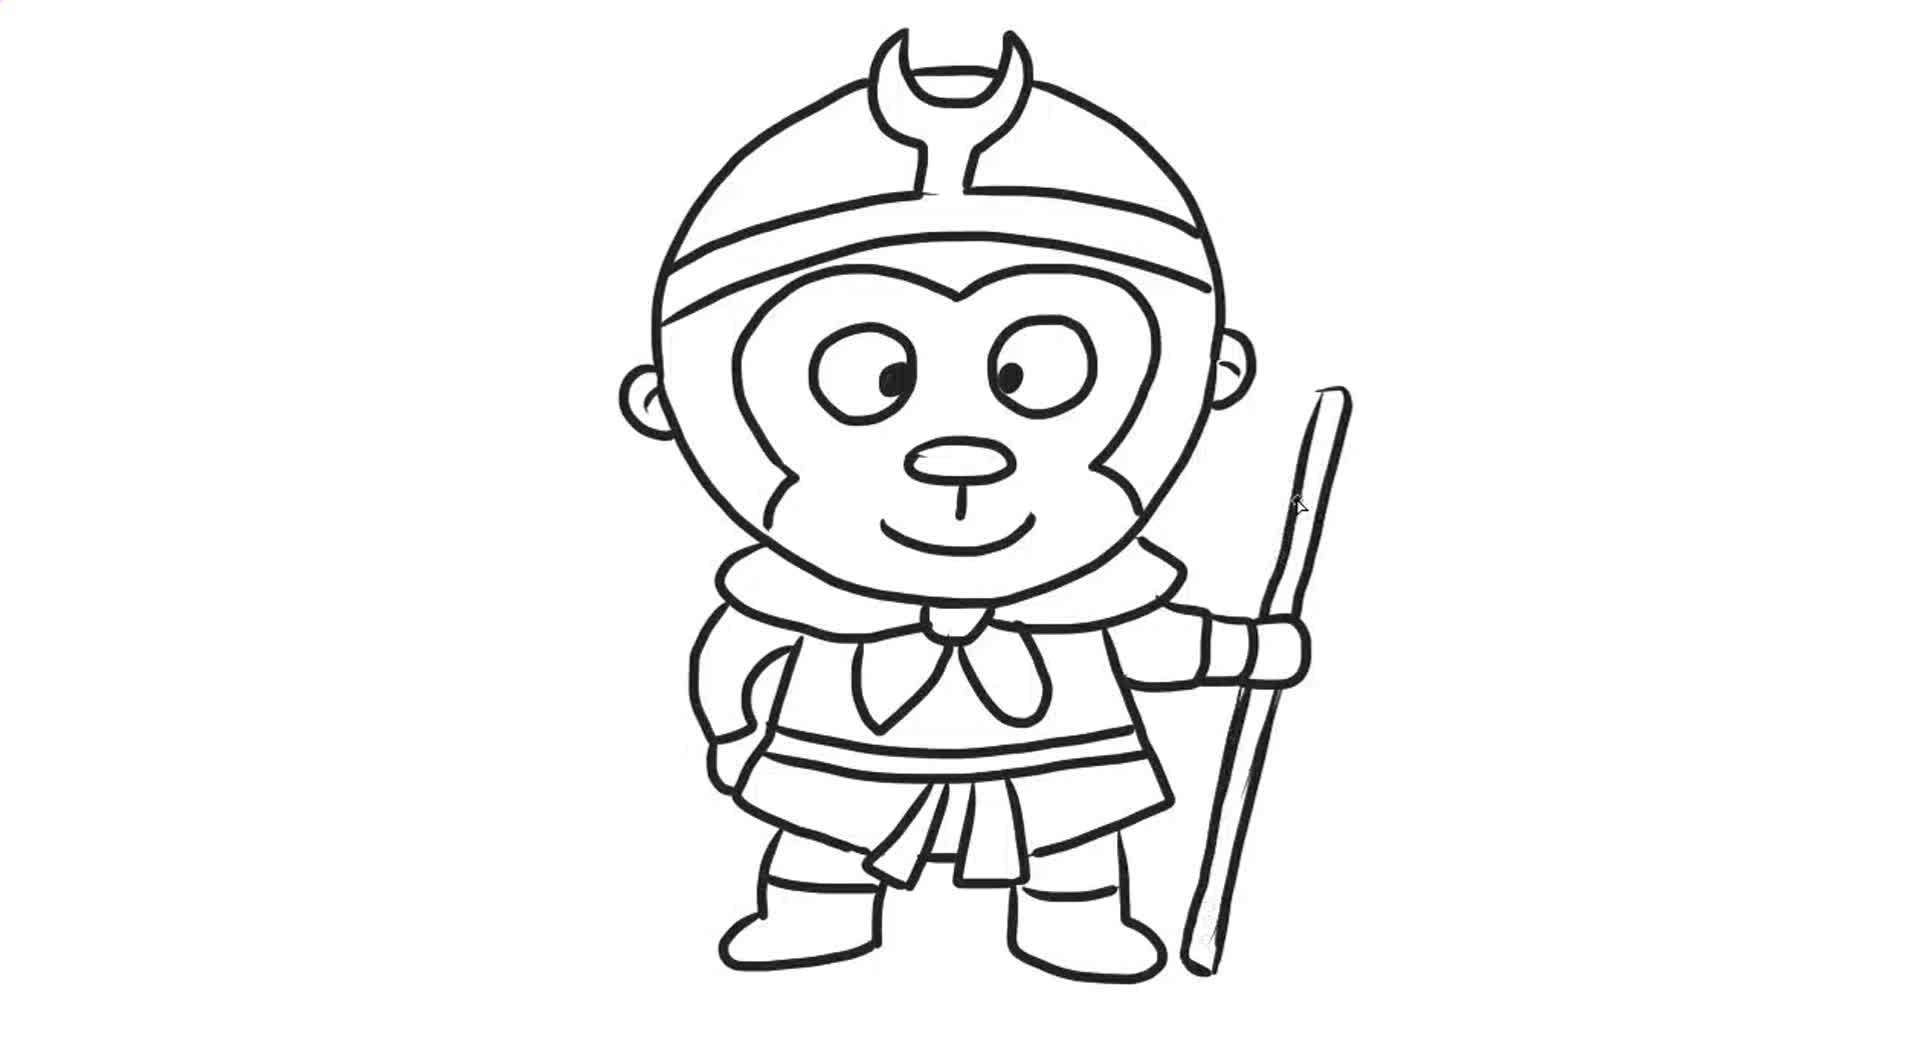 简单的孙悟空幼儿亲子简笔画 宝宝轻松学画画